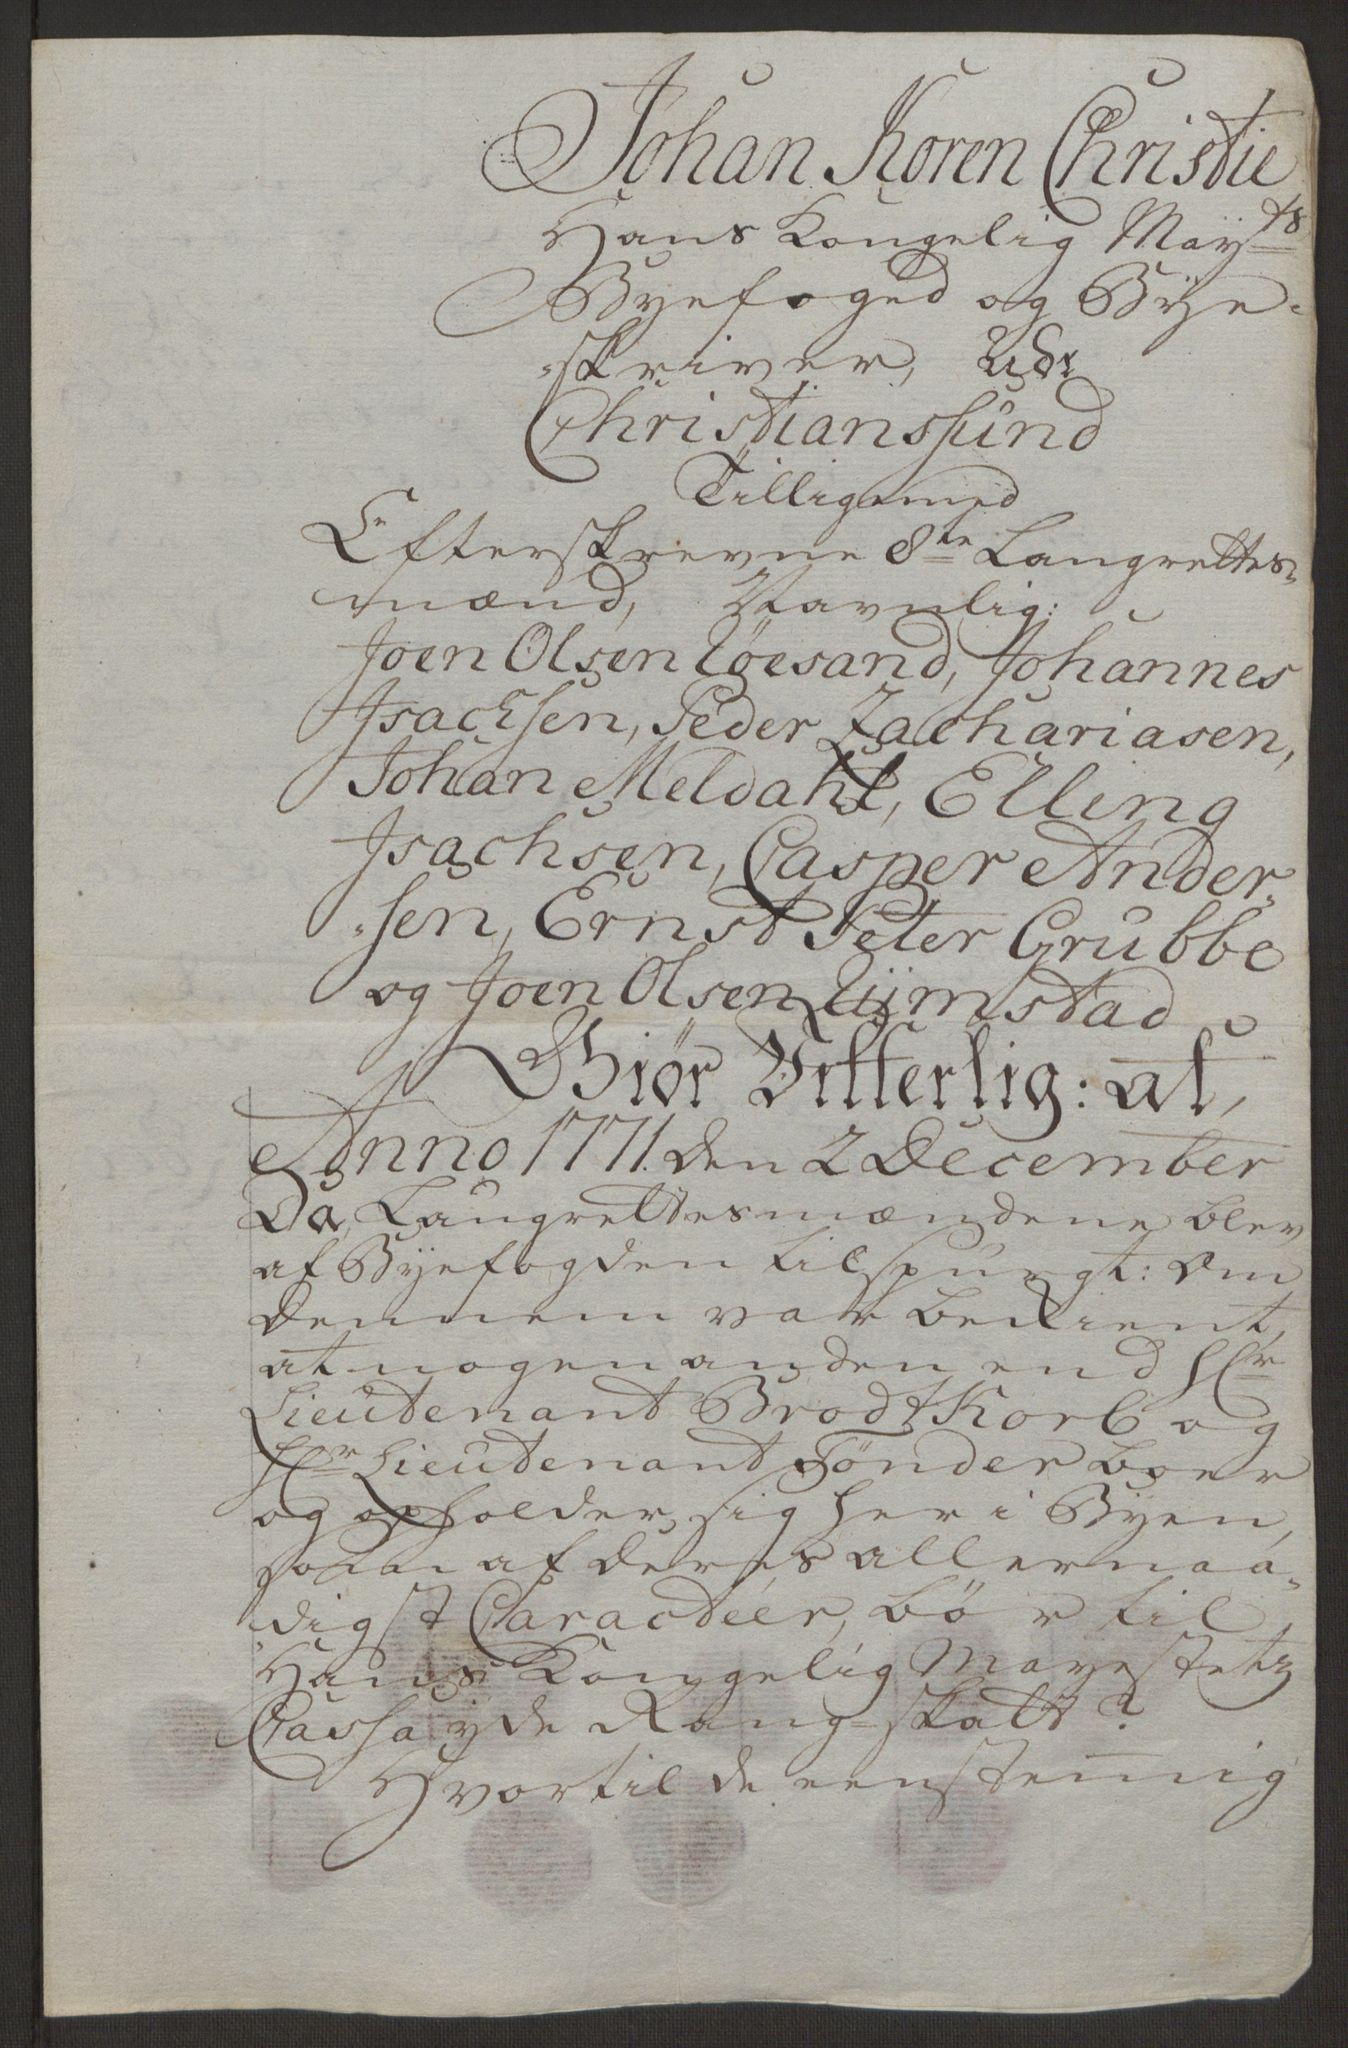 RA, Rentekammeret inntil 1814, Reviderte regnskaper, Byregnskaper, R/Rr/L0495: [R1] Kontribusjonsregnskap, 1762-1772, s. 256